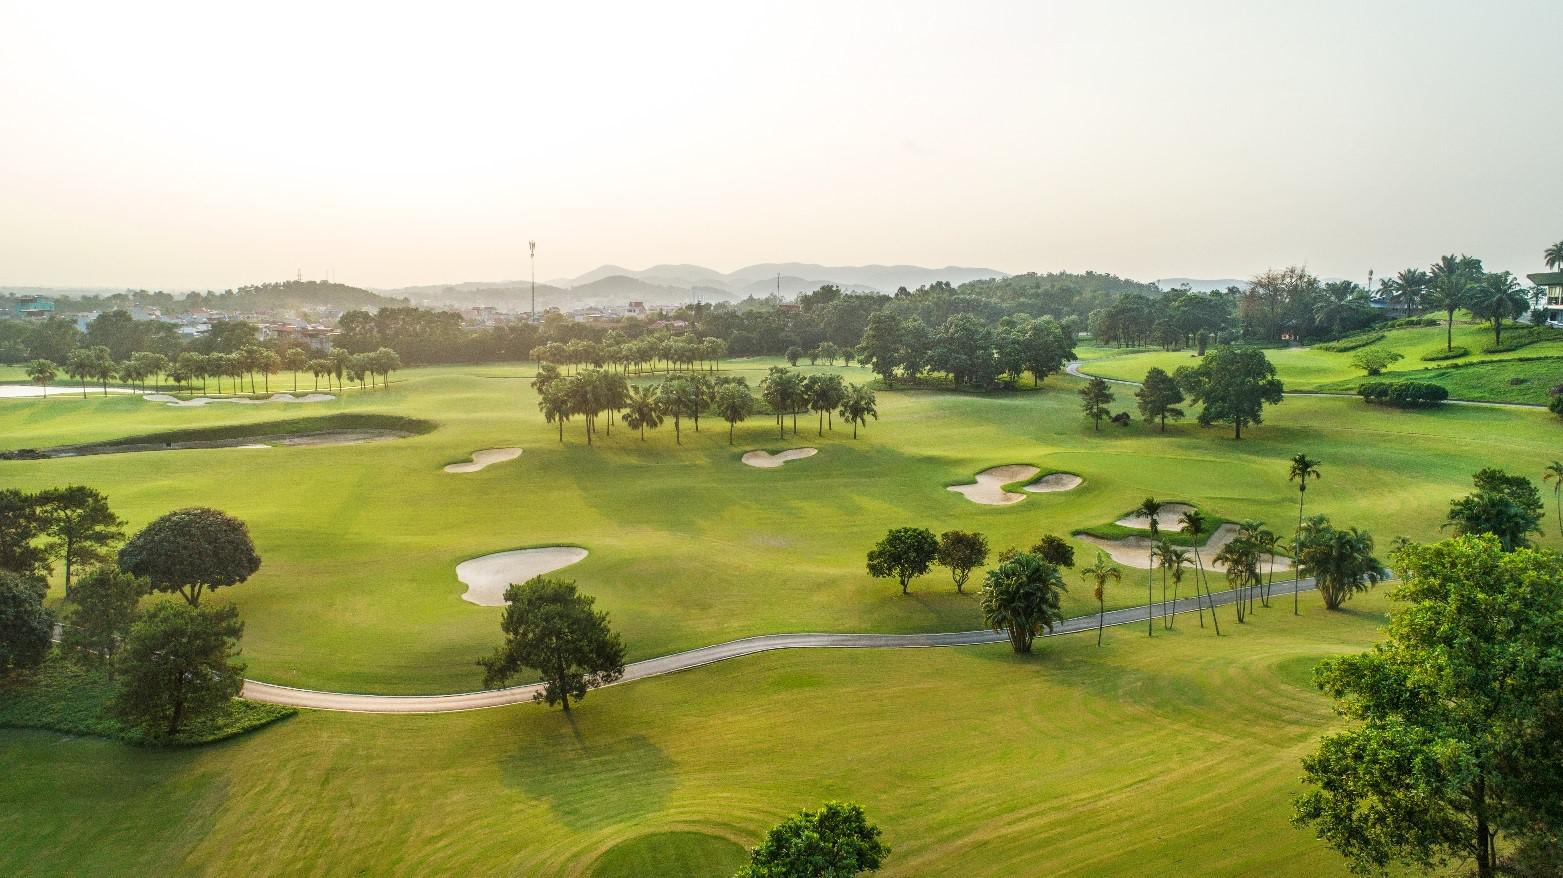 Sân golf Chí Linh ưu đãi  hè 18 hố - Cuối tuần